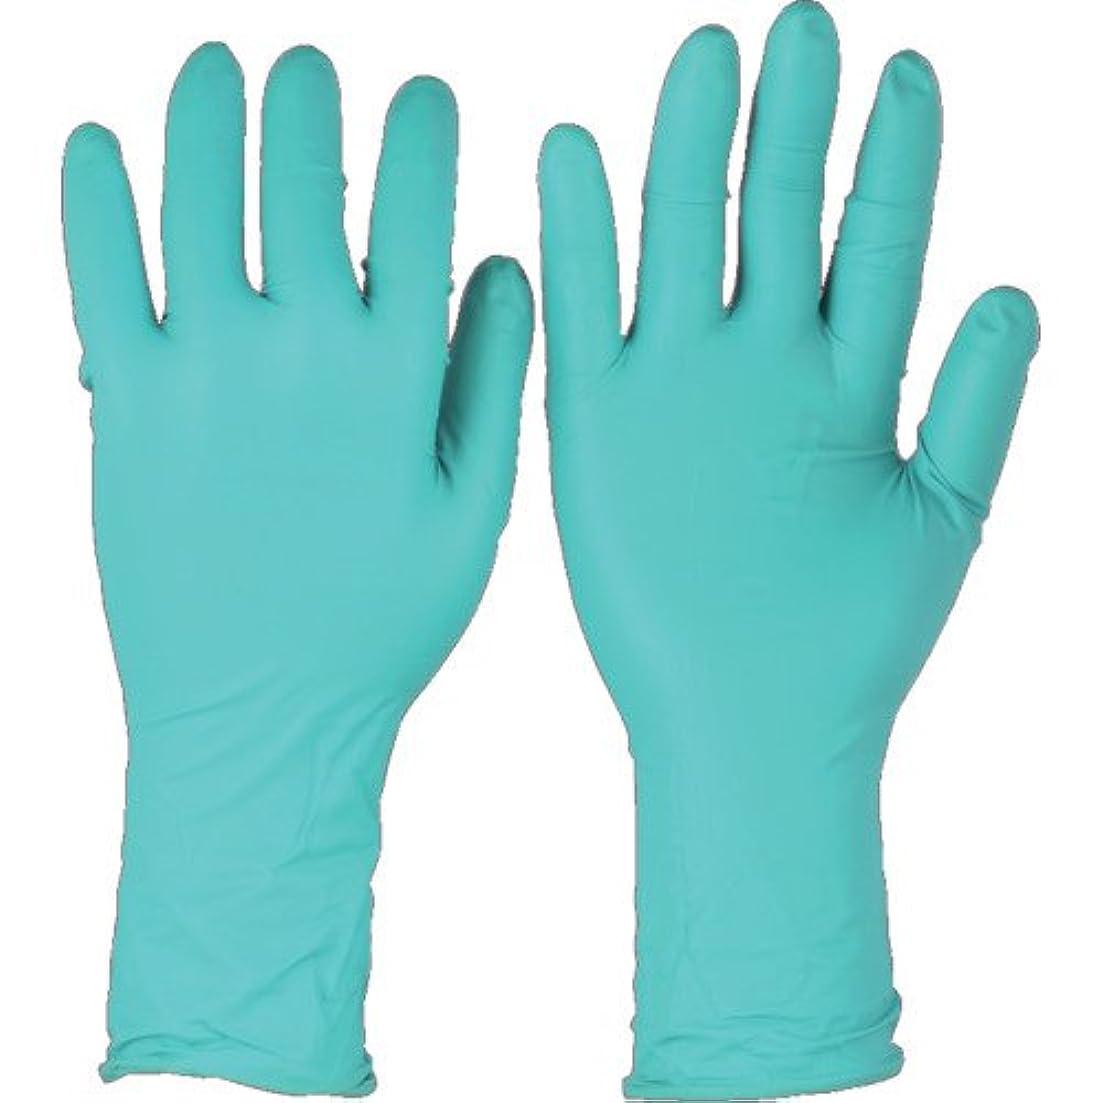 にんじんボス騒乱トラスコ中山 アンセル ネオプレンゴム使い捨て手袋 マイクロフレックス 93-260 XSサイズ (50枚入)  932606